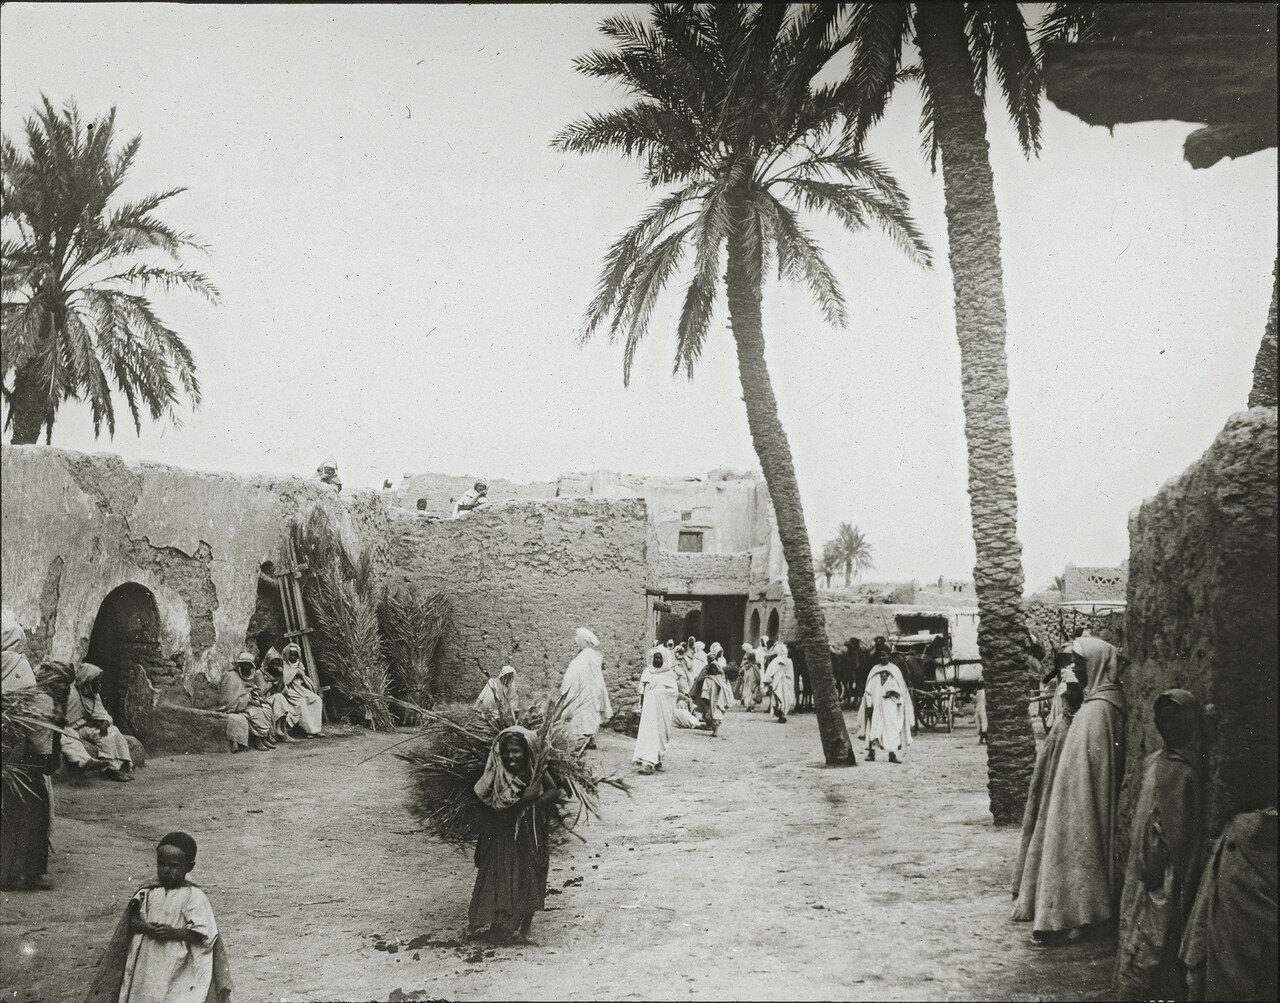 Сахара. Оазис Сиди Окба, город в пустыне